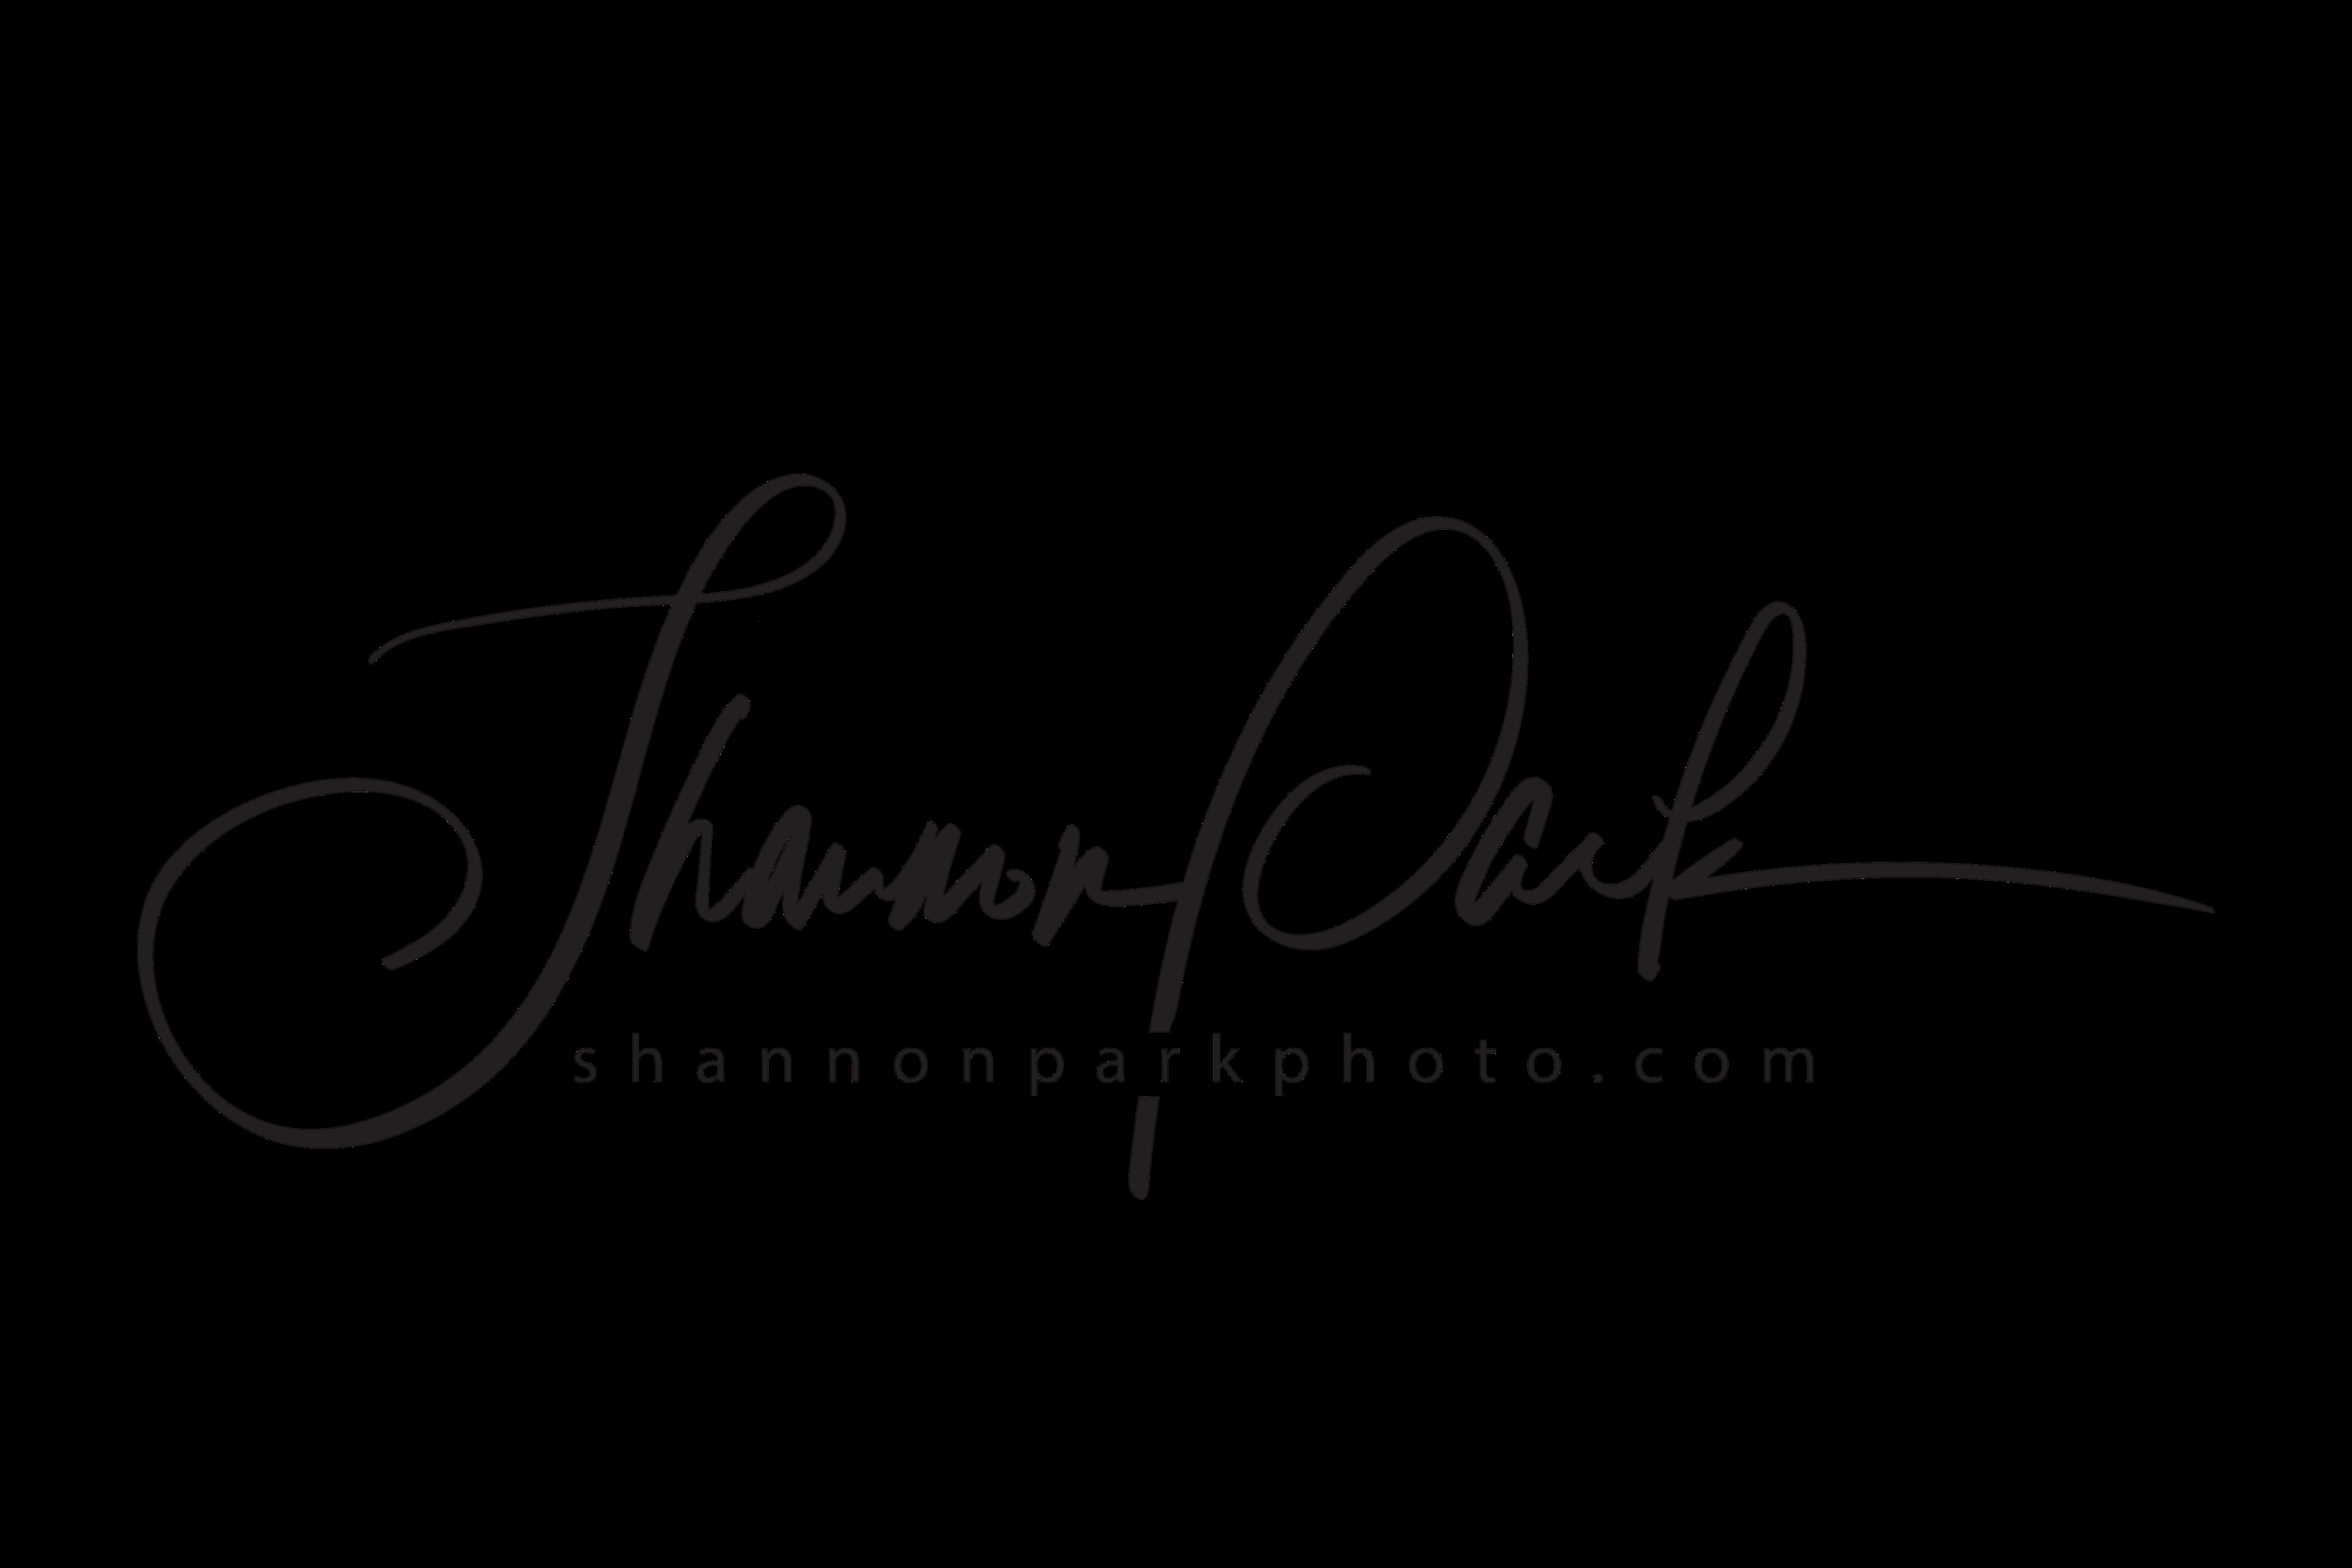 Shannon Park